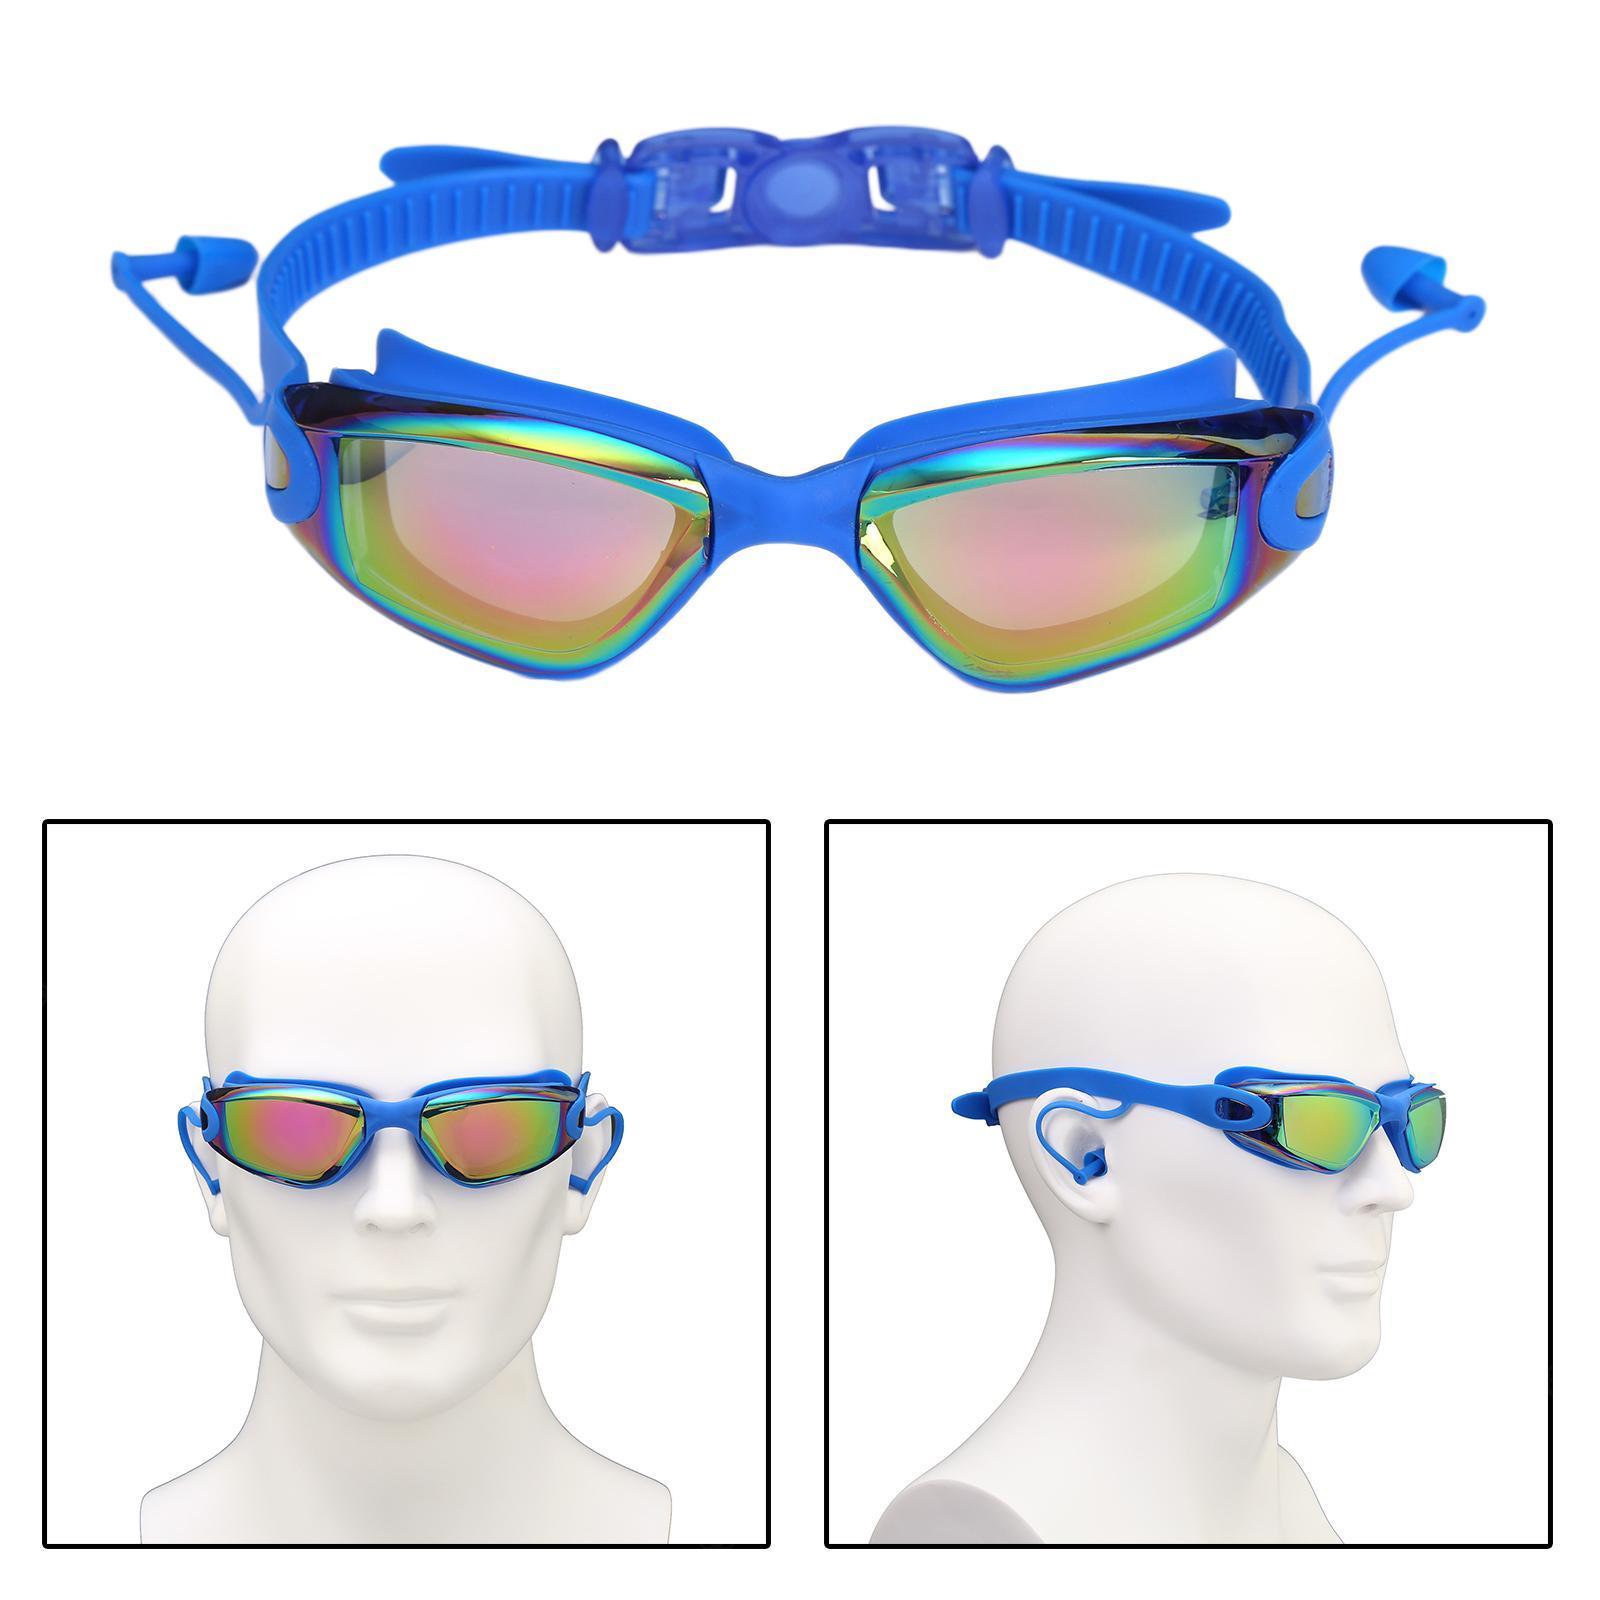 miniatura 12 - Occhialini da nuoto, protezione UV Occhialini da nuoto anti-appannamento Unisex